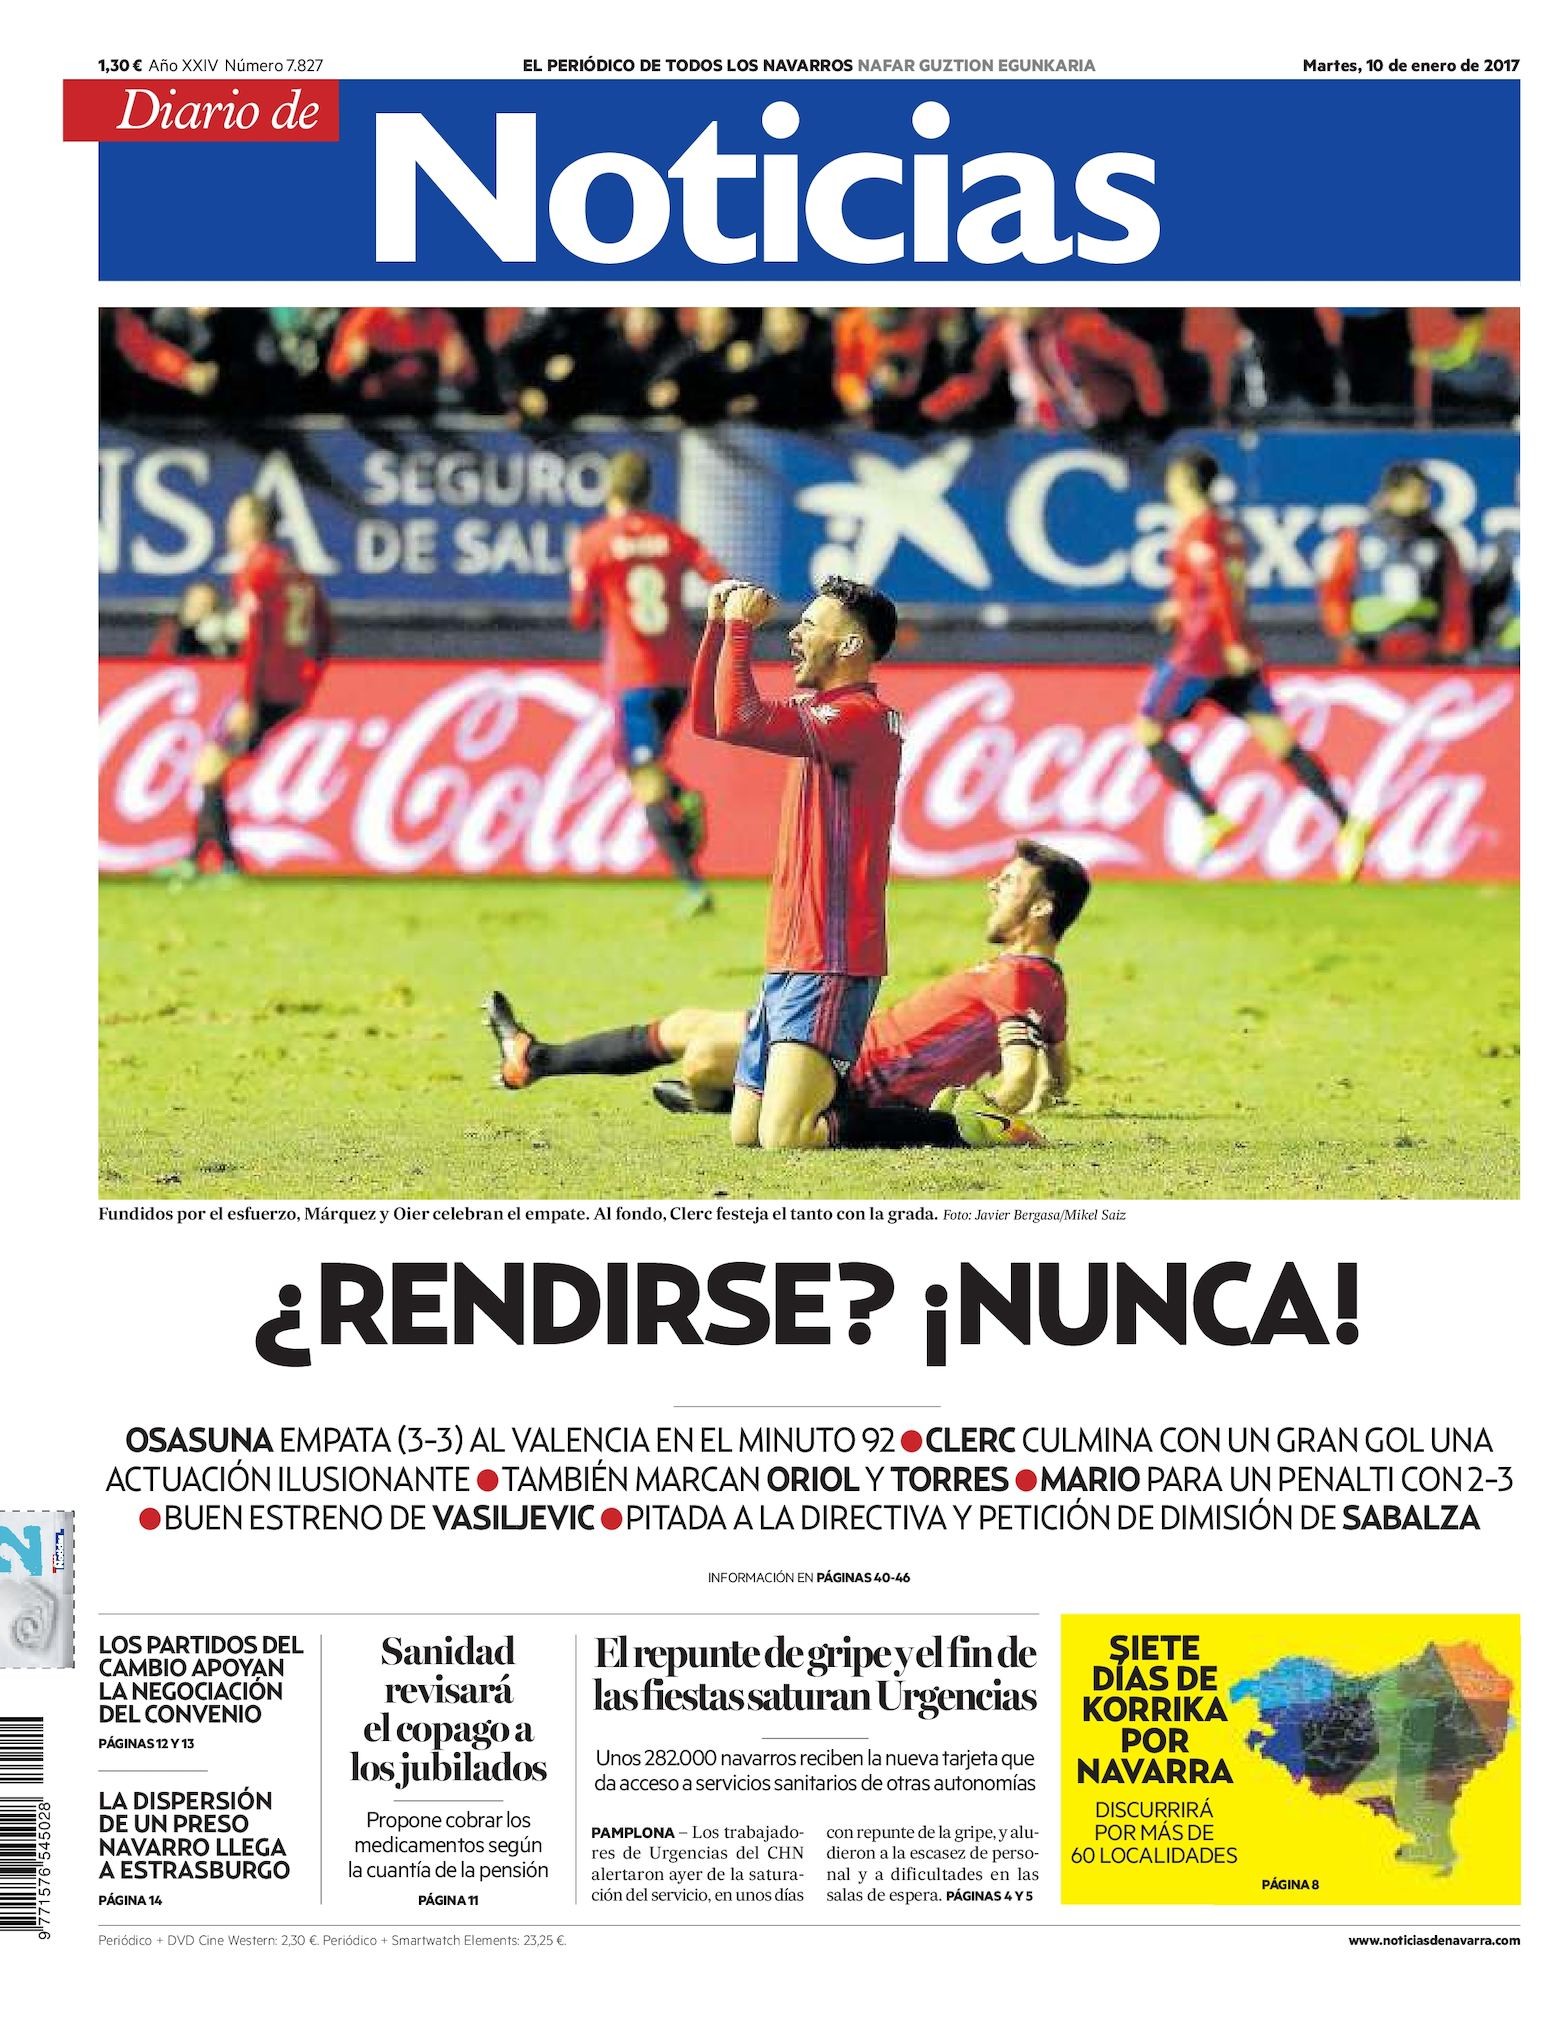 Calaméo - Diario de Noticias 20170110 c27257a0e2eeb